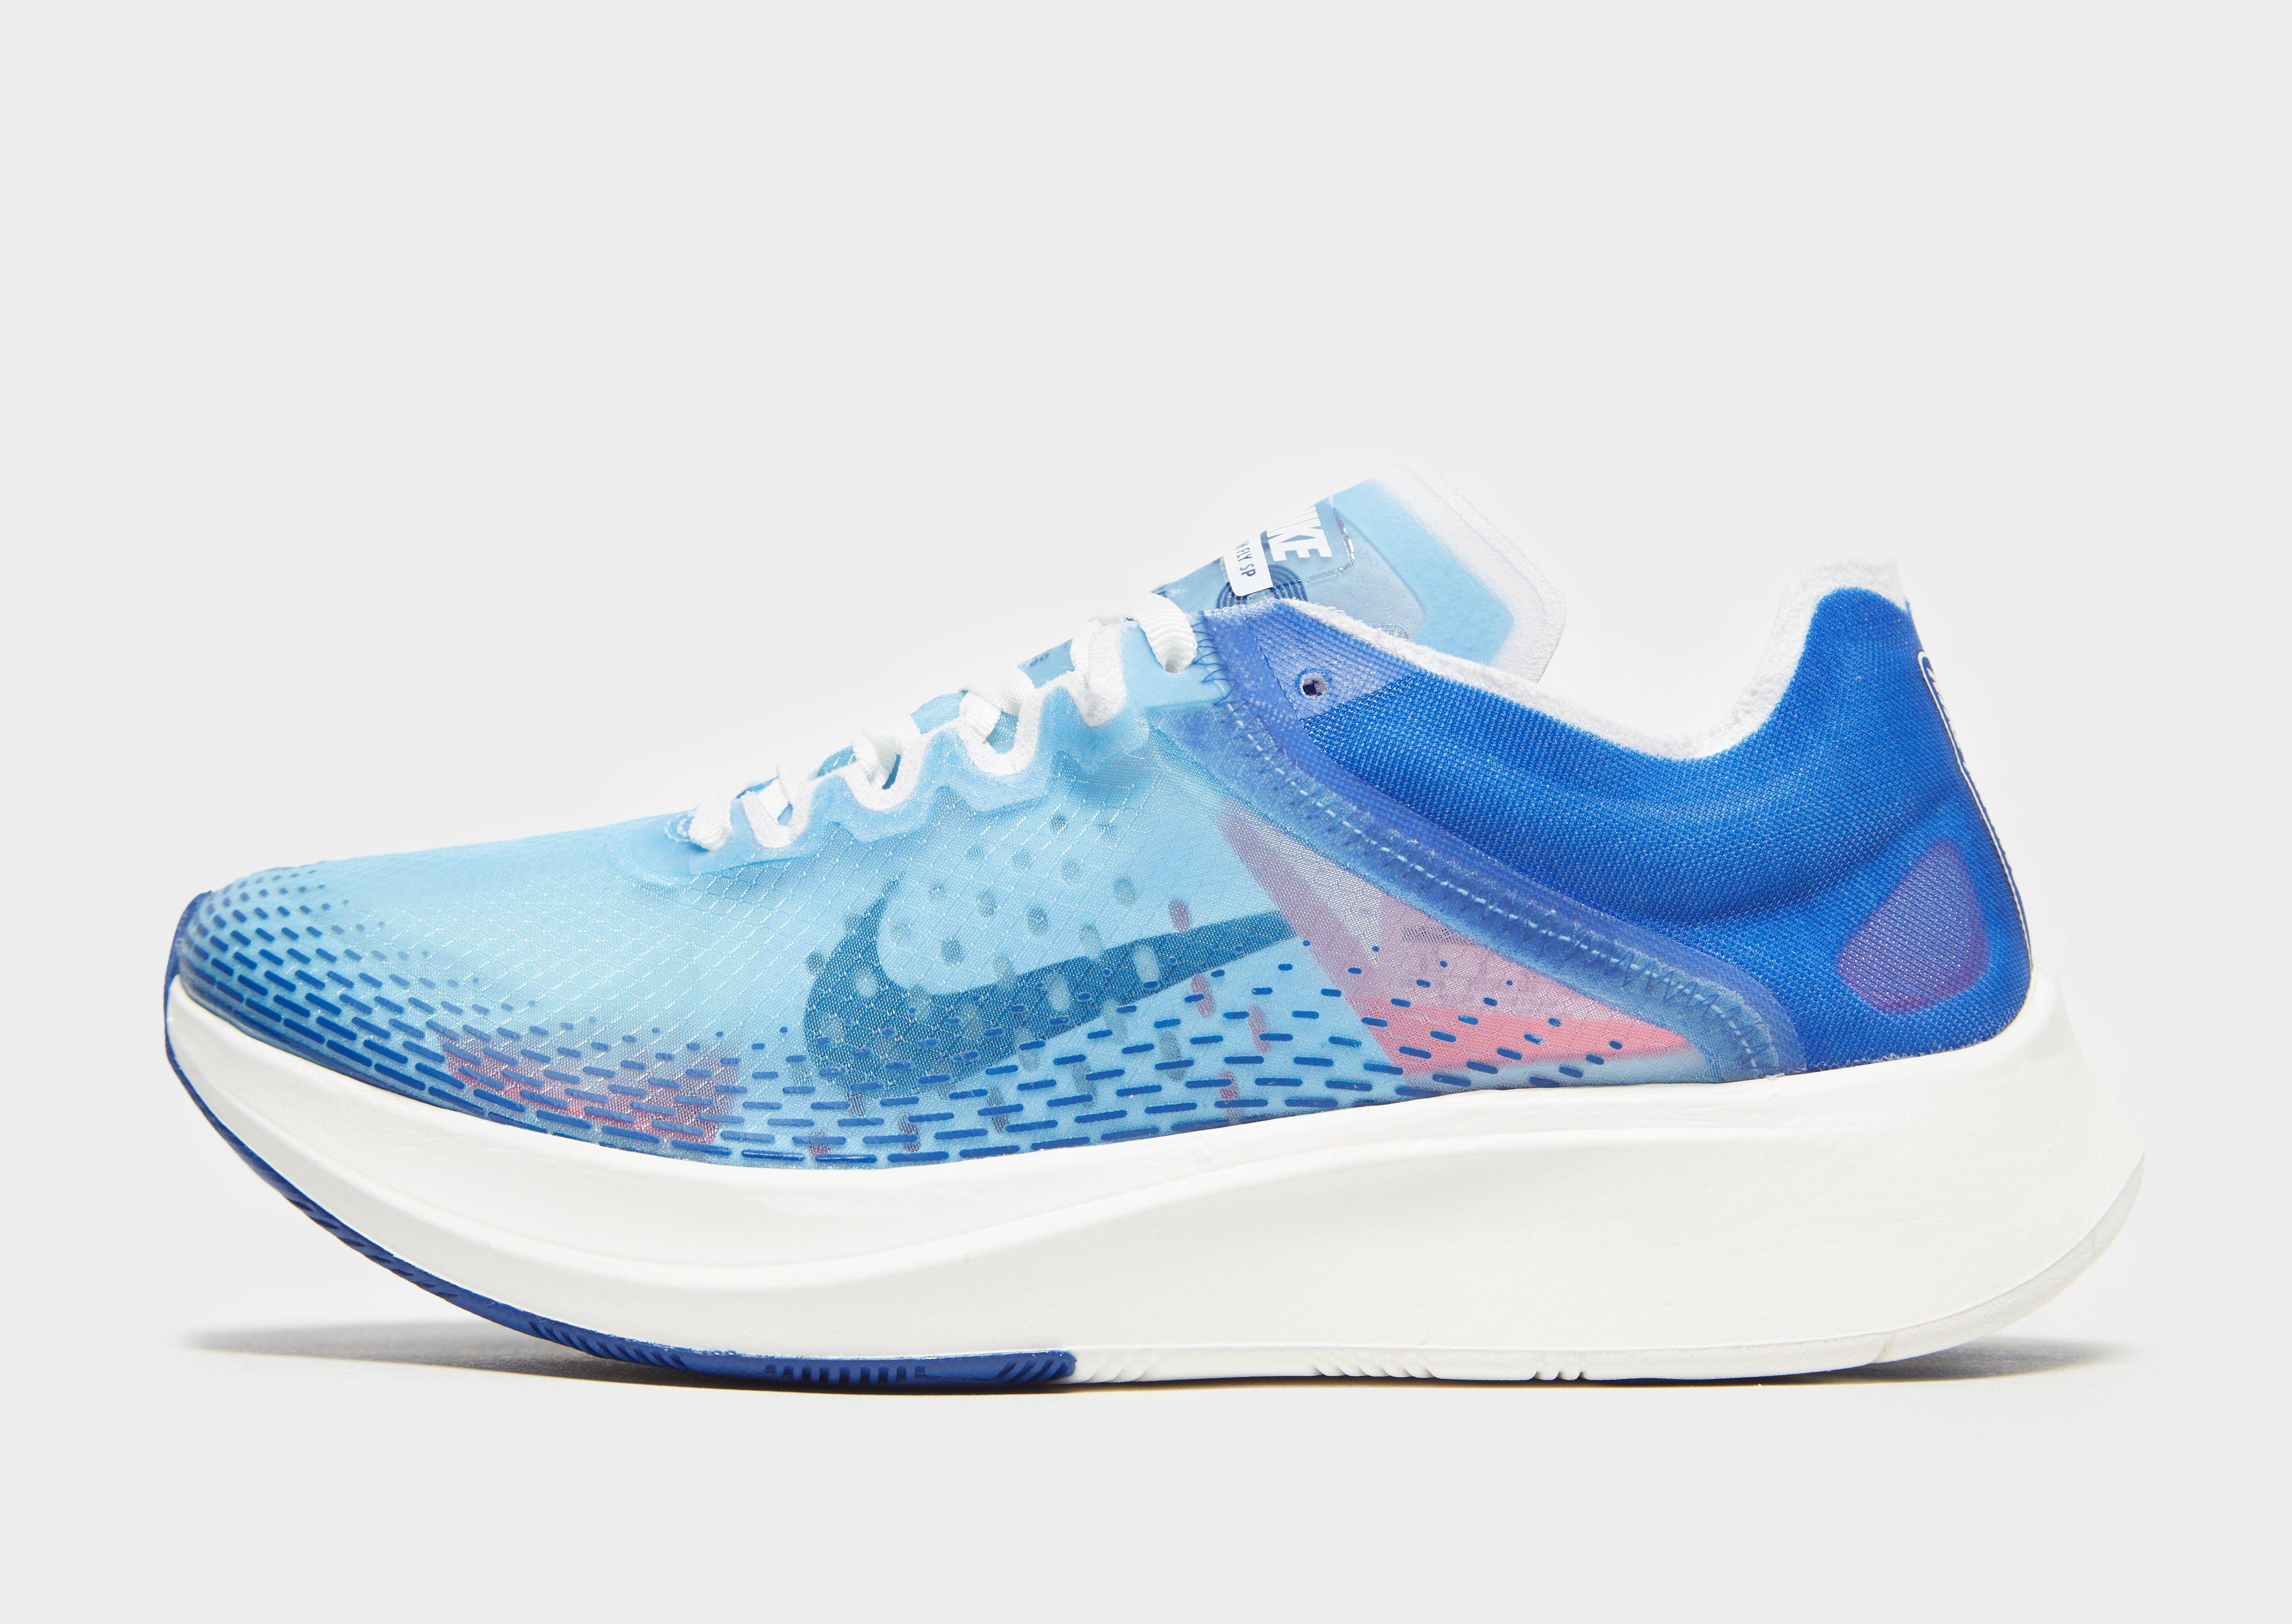 NIKE Nike Zoom Fly SP Fast Women s Running Shoe  da7883056b9